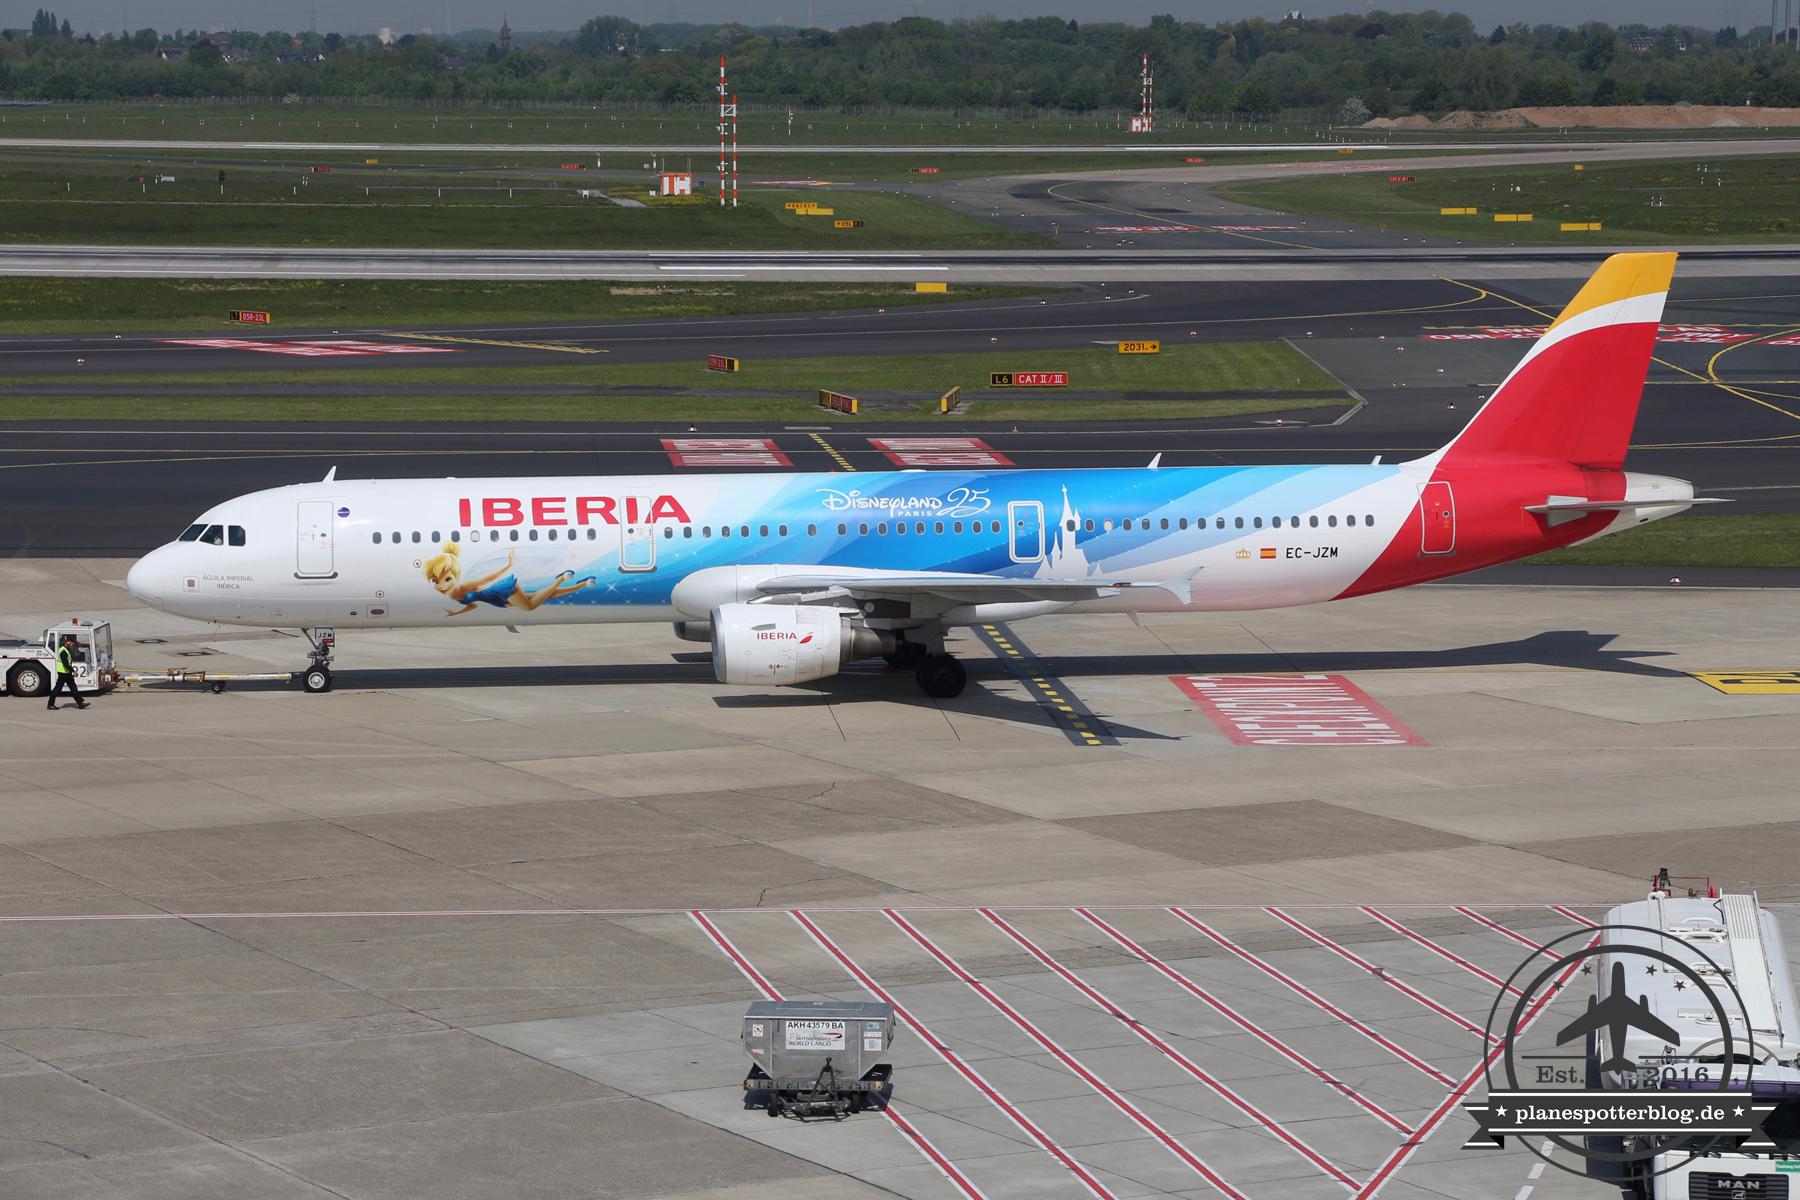 Iberia A321-200 EC-JZM Disneyland Paris Livery